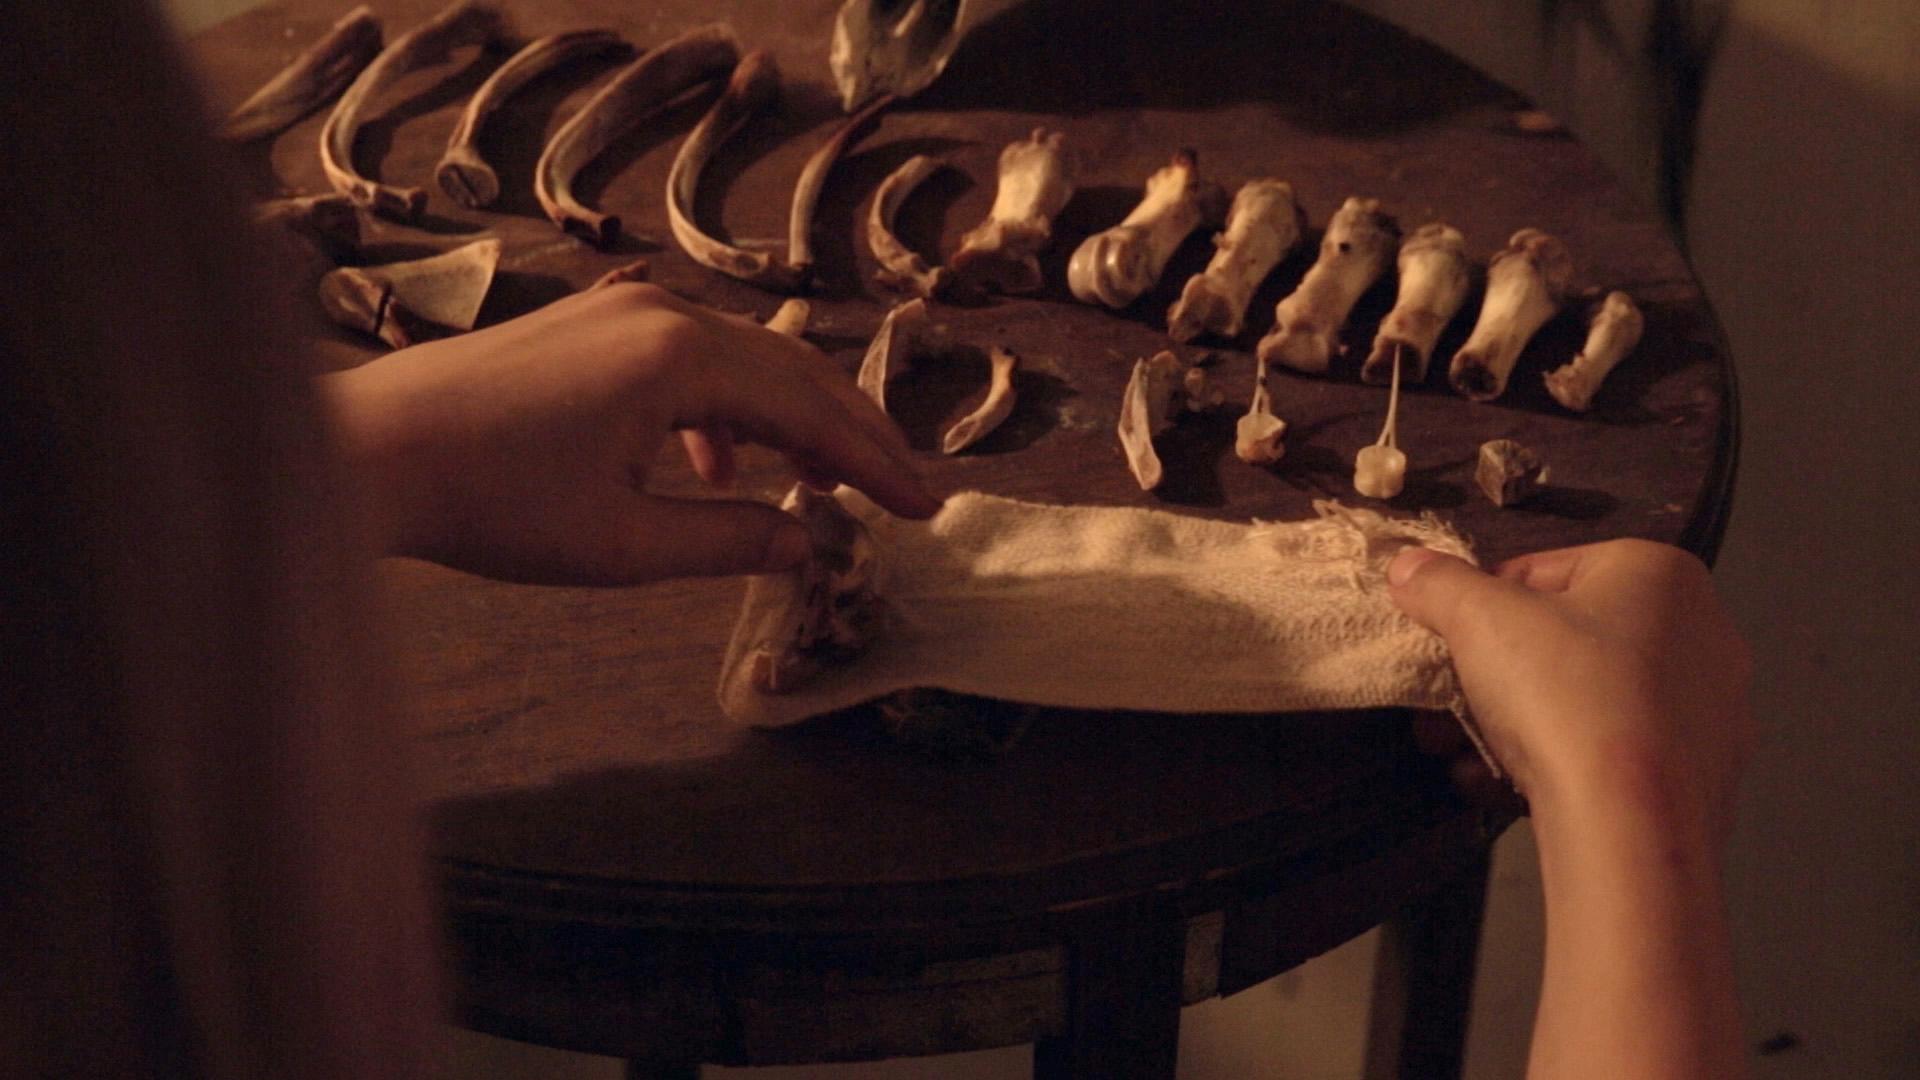 Sadiewithherbones.jpg